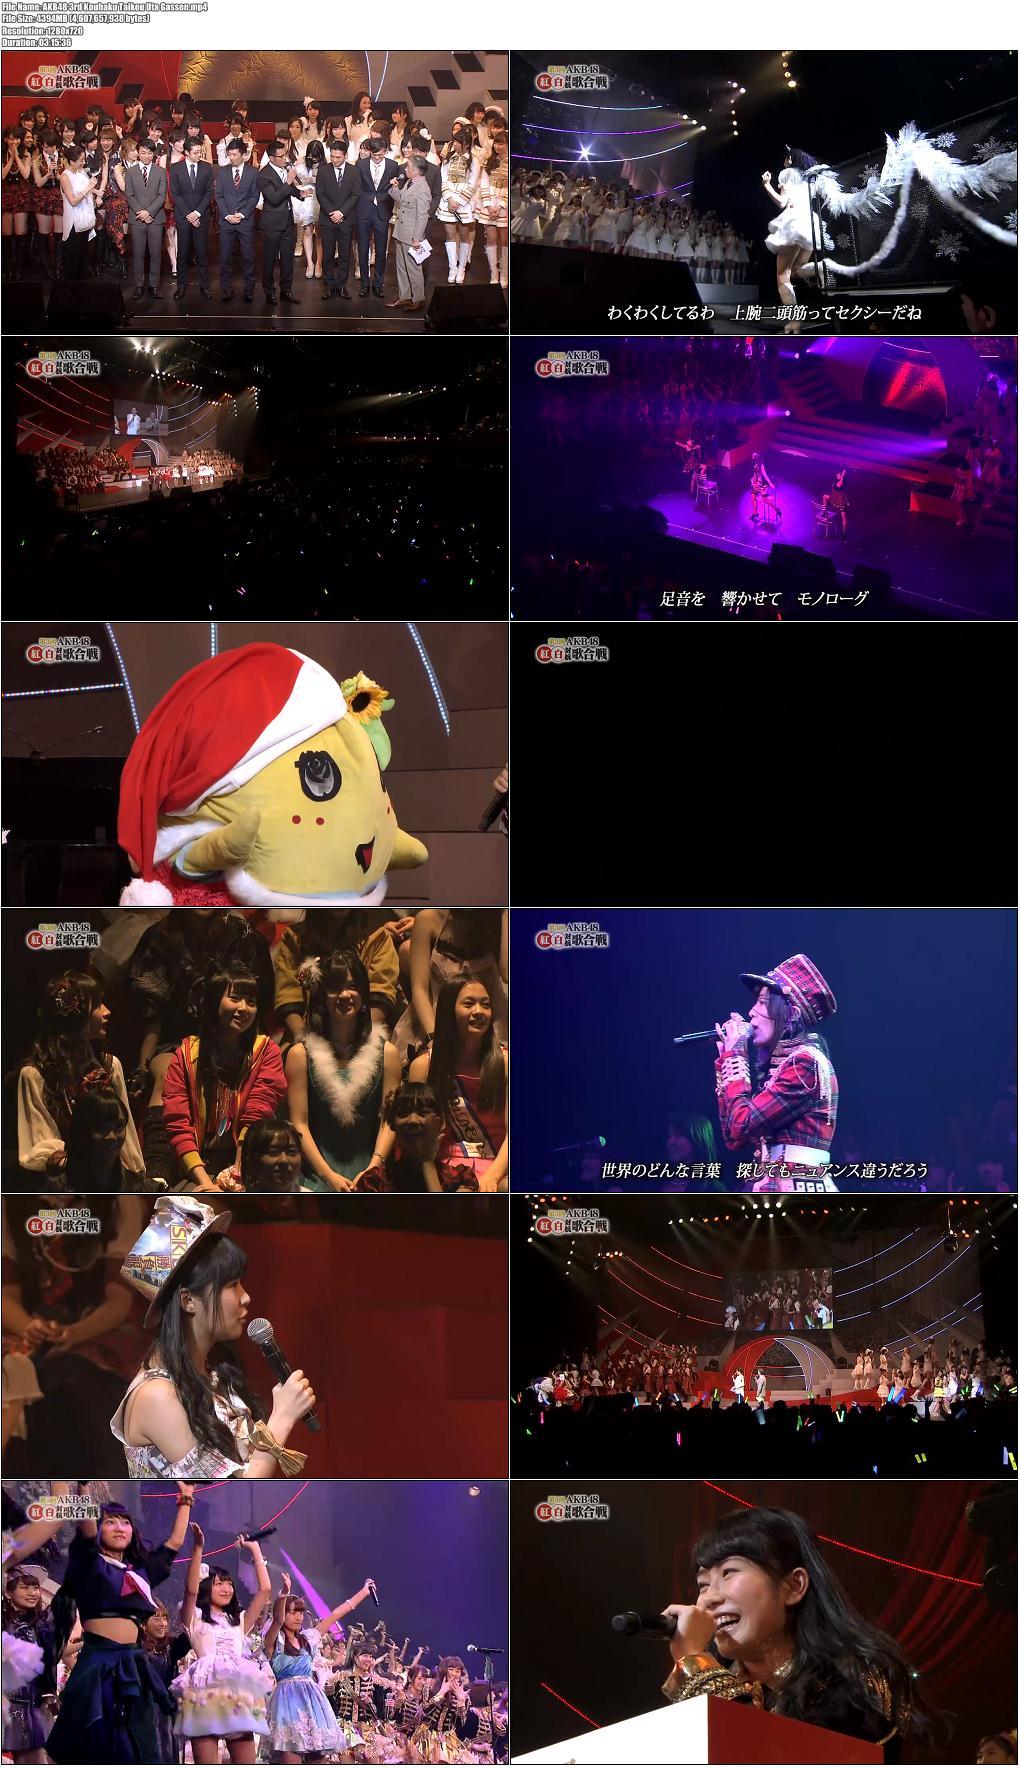 [720p] 第3回AKB48 紅白対抗歌合戦AKB48 3rd Kouhaku Taikou Uta Gassen